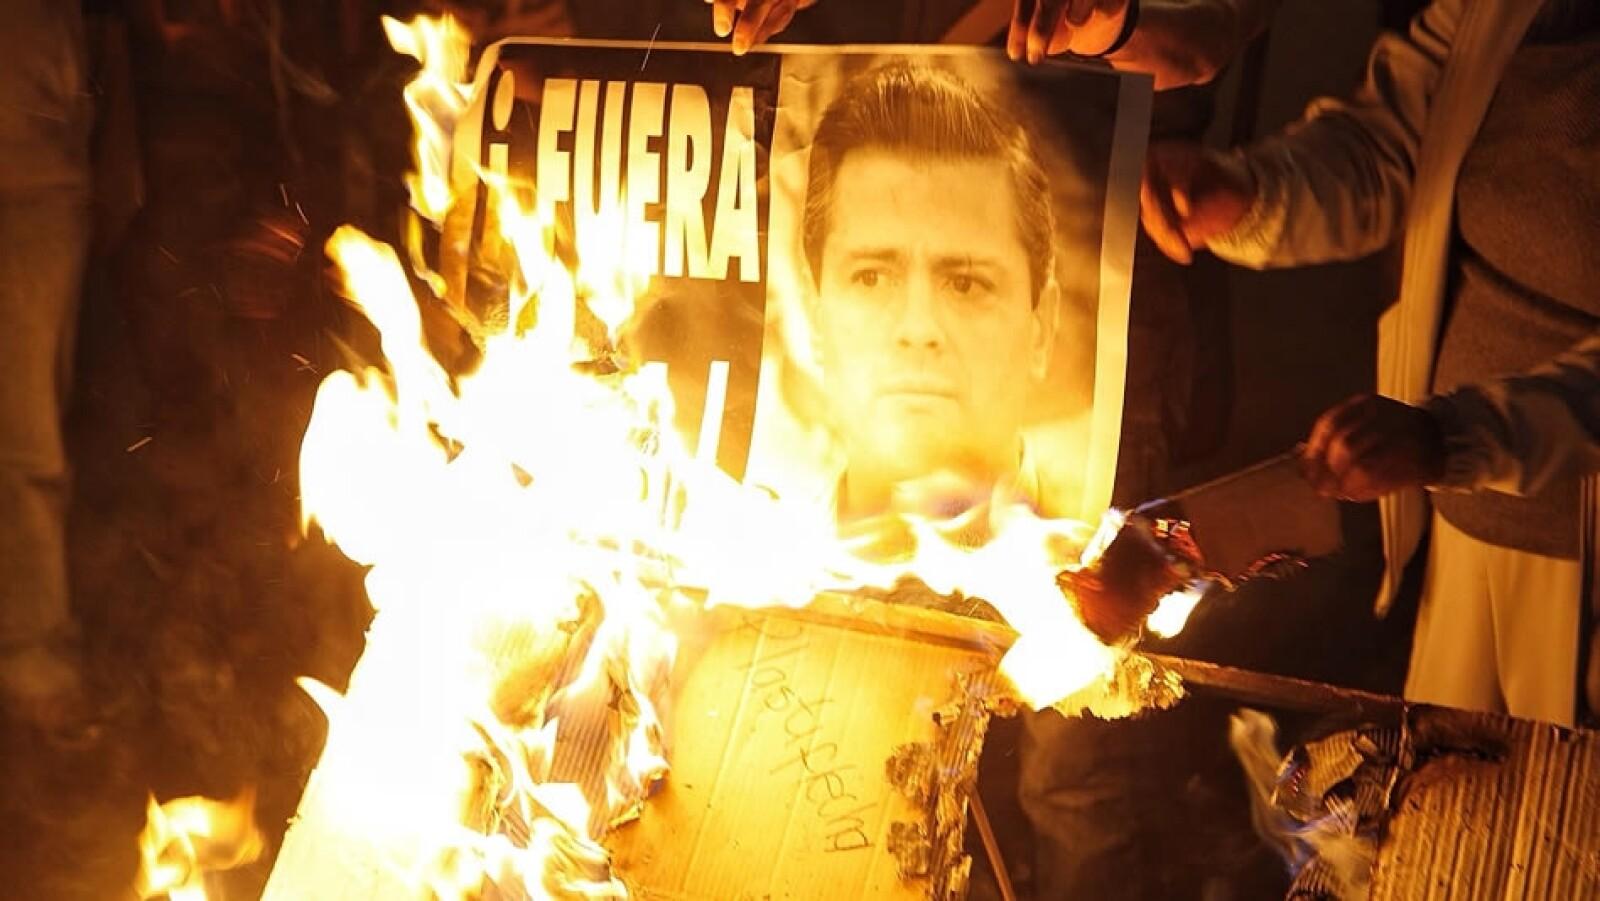 Un grupo de personas queman una fotografía del presidente Enrique Peña Nieto